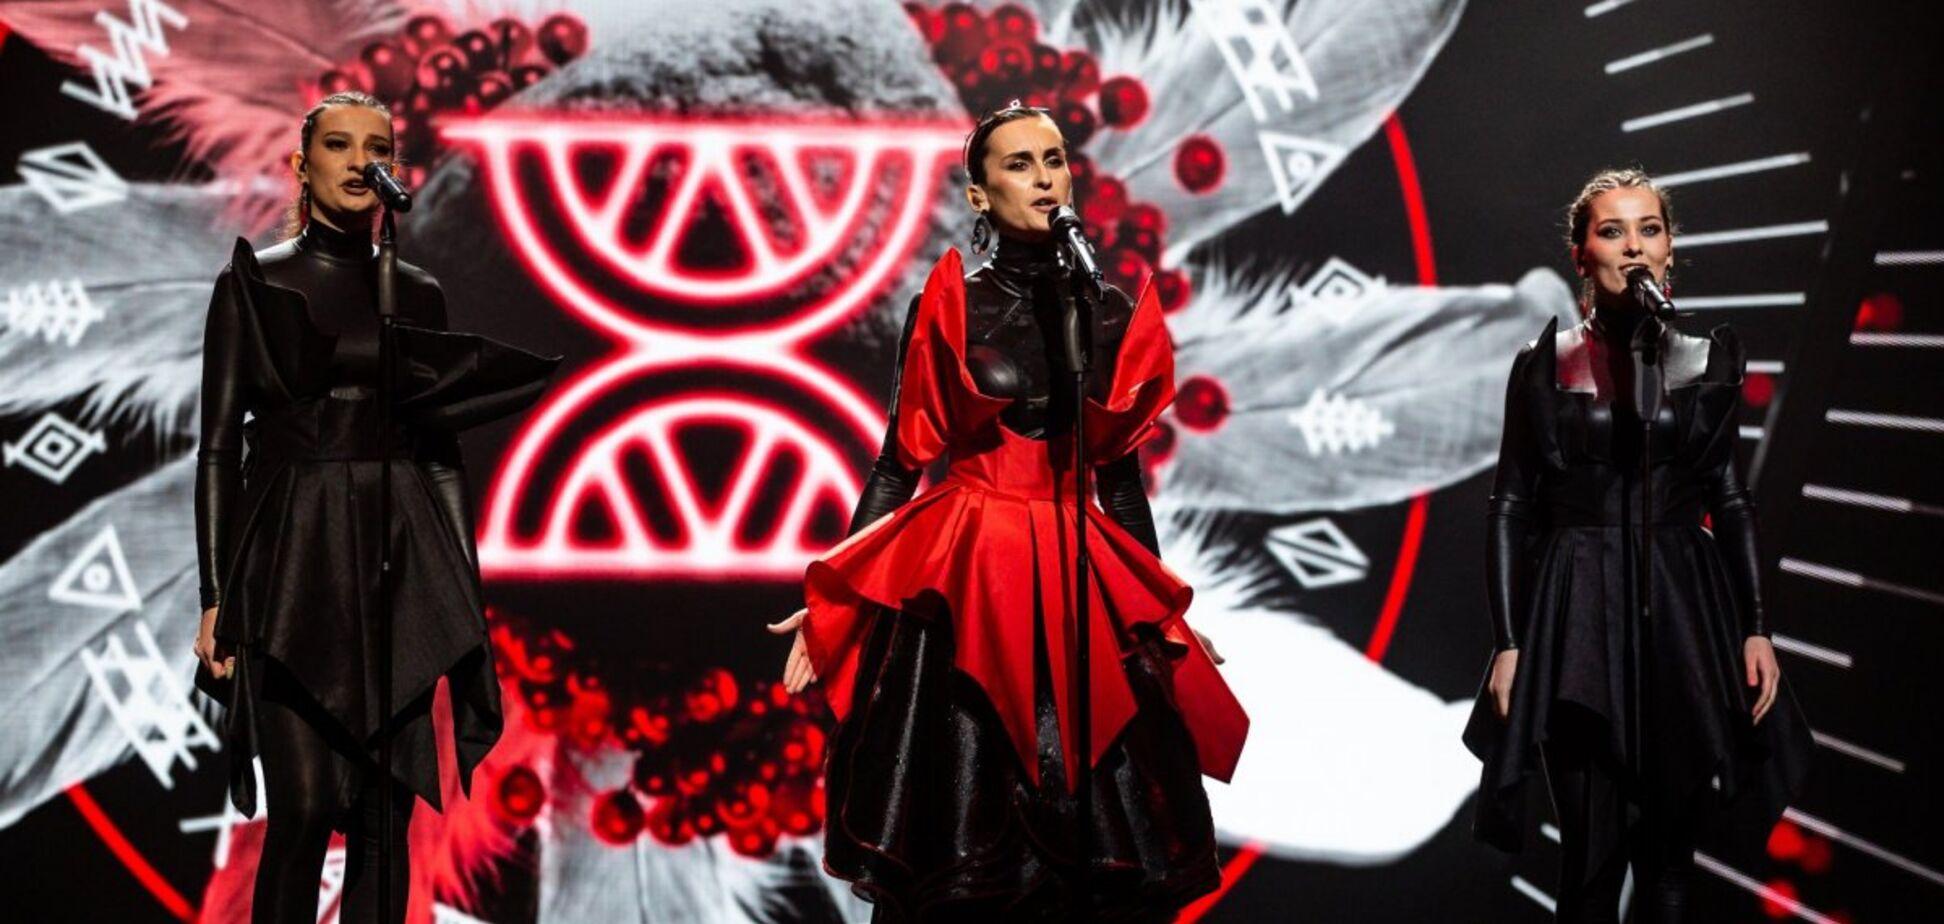 Первый онлайн-концерт Евровидение-2020: как выступила группа Go-A